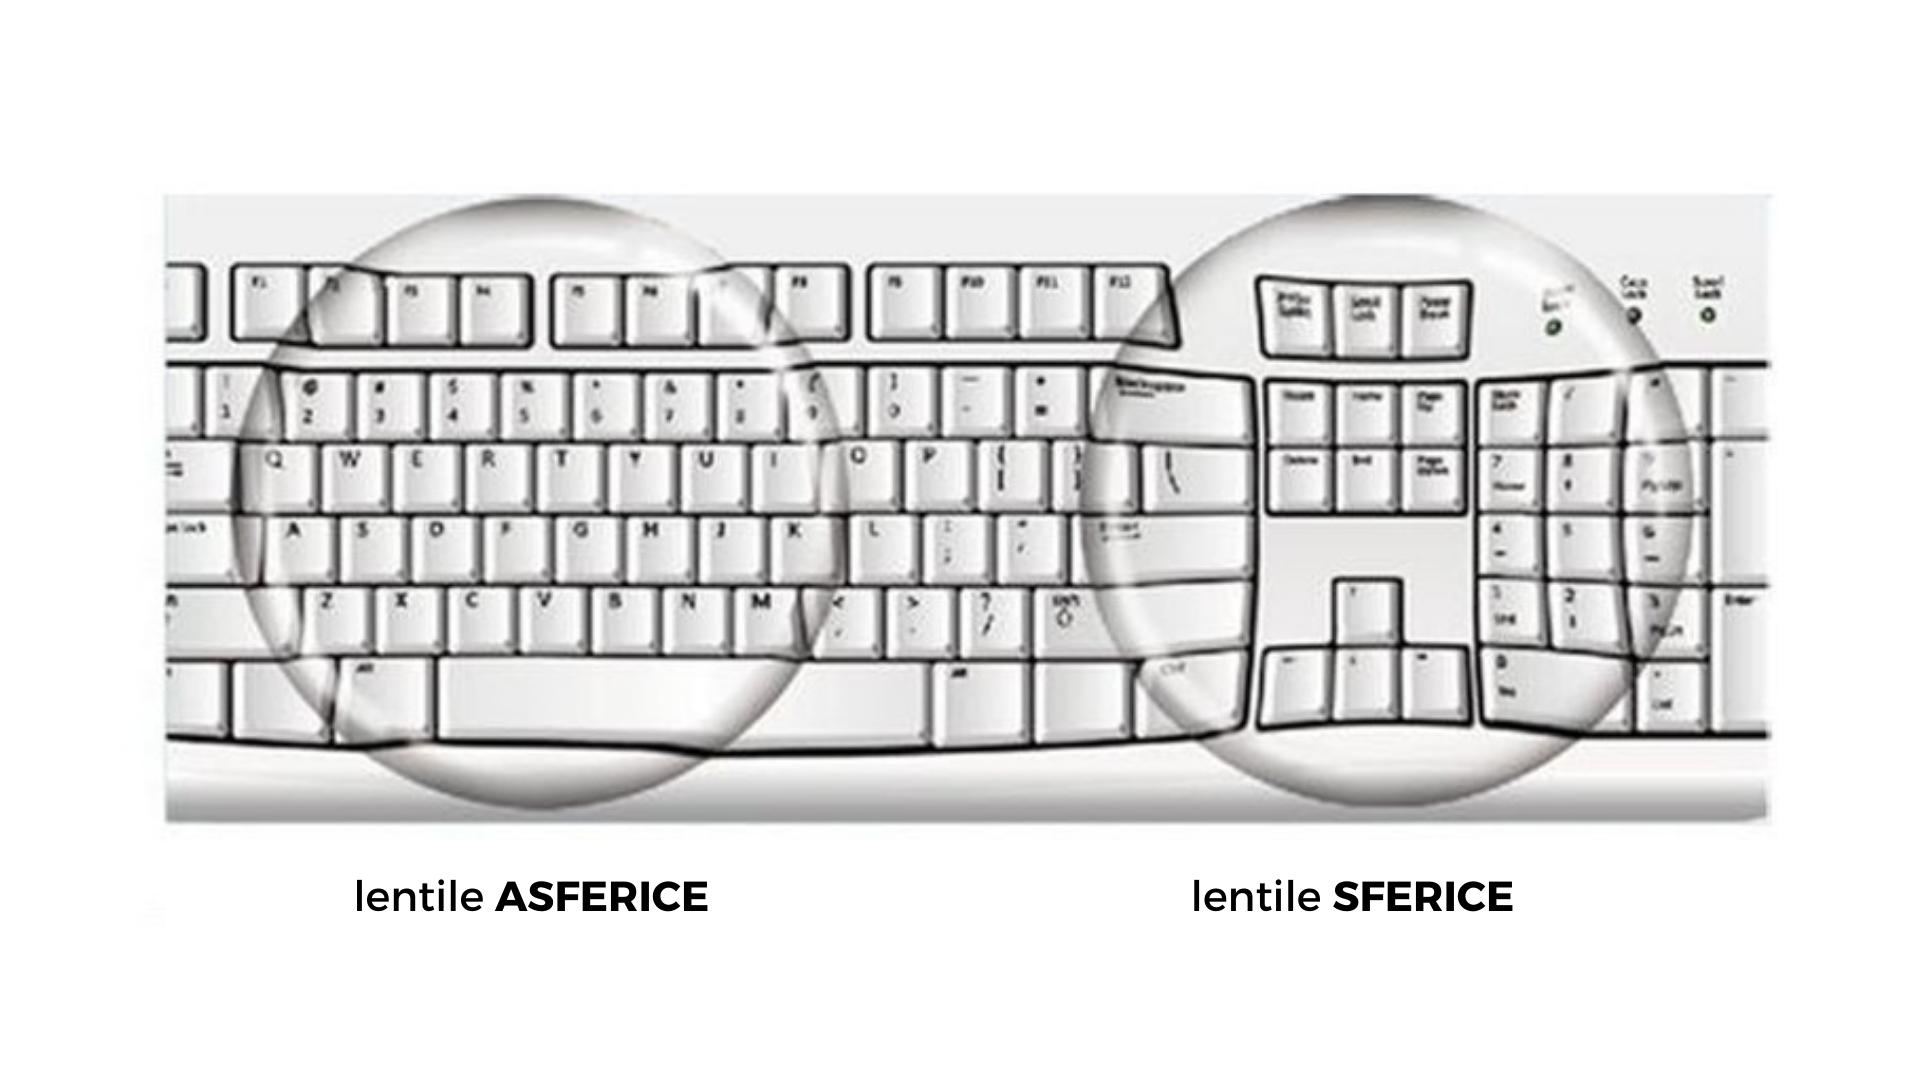 Lentile sferice vs. lentile asferice